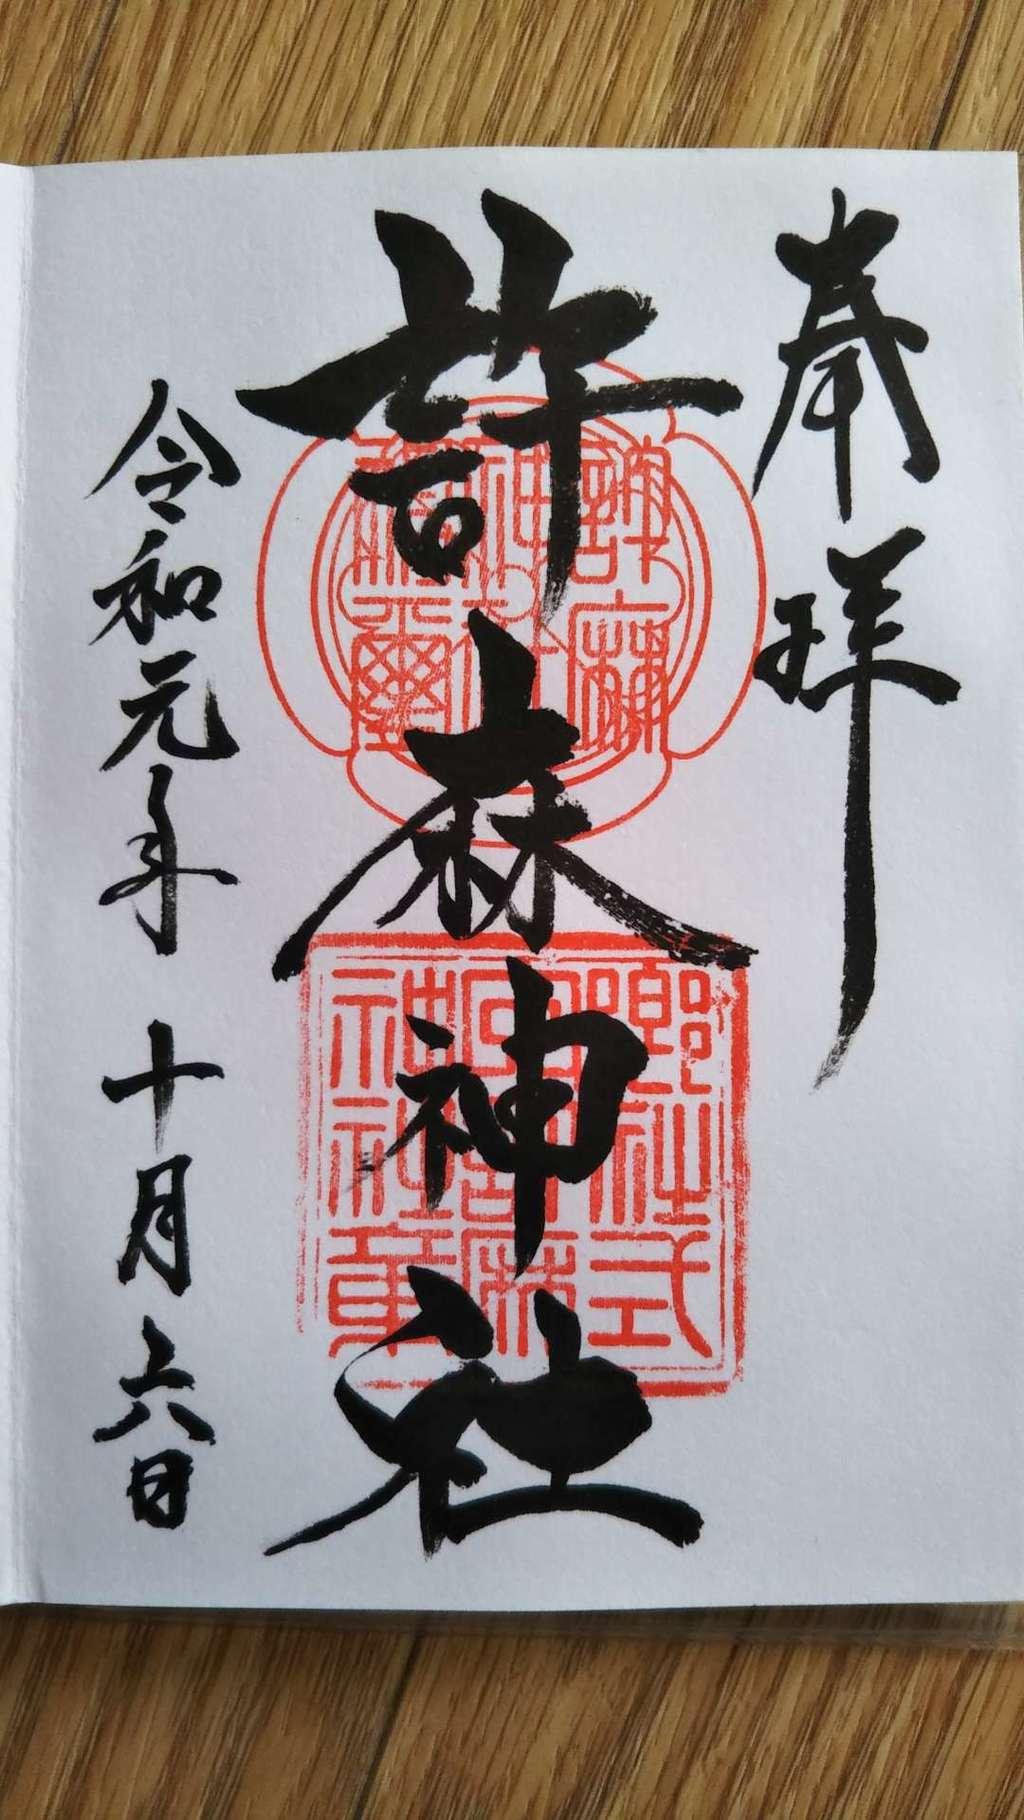 許麻神社の御朱印